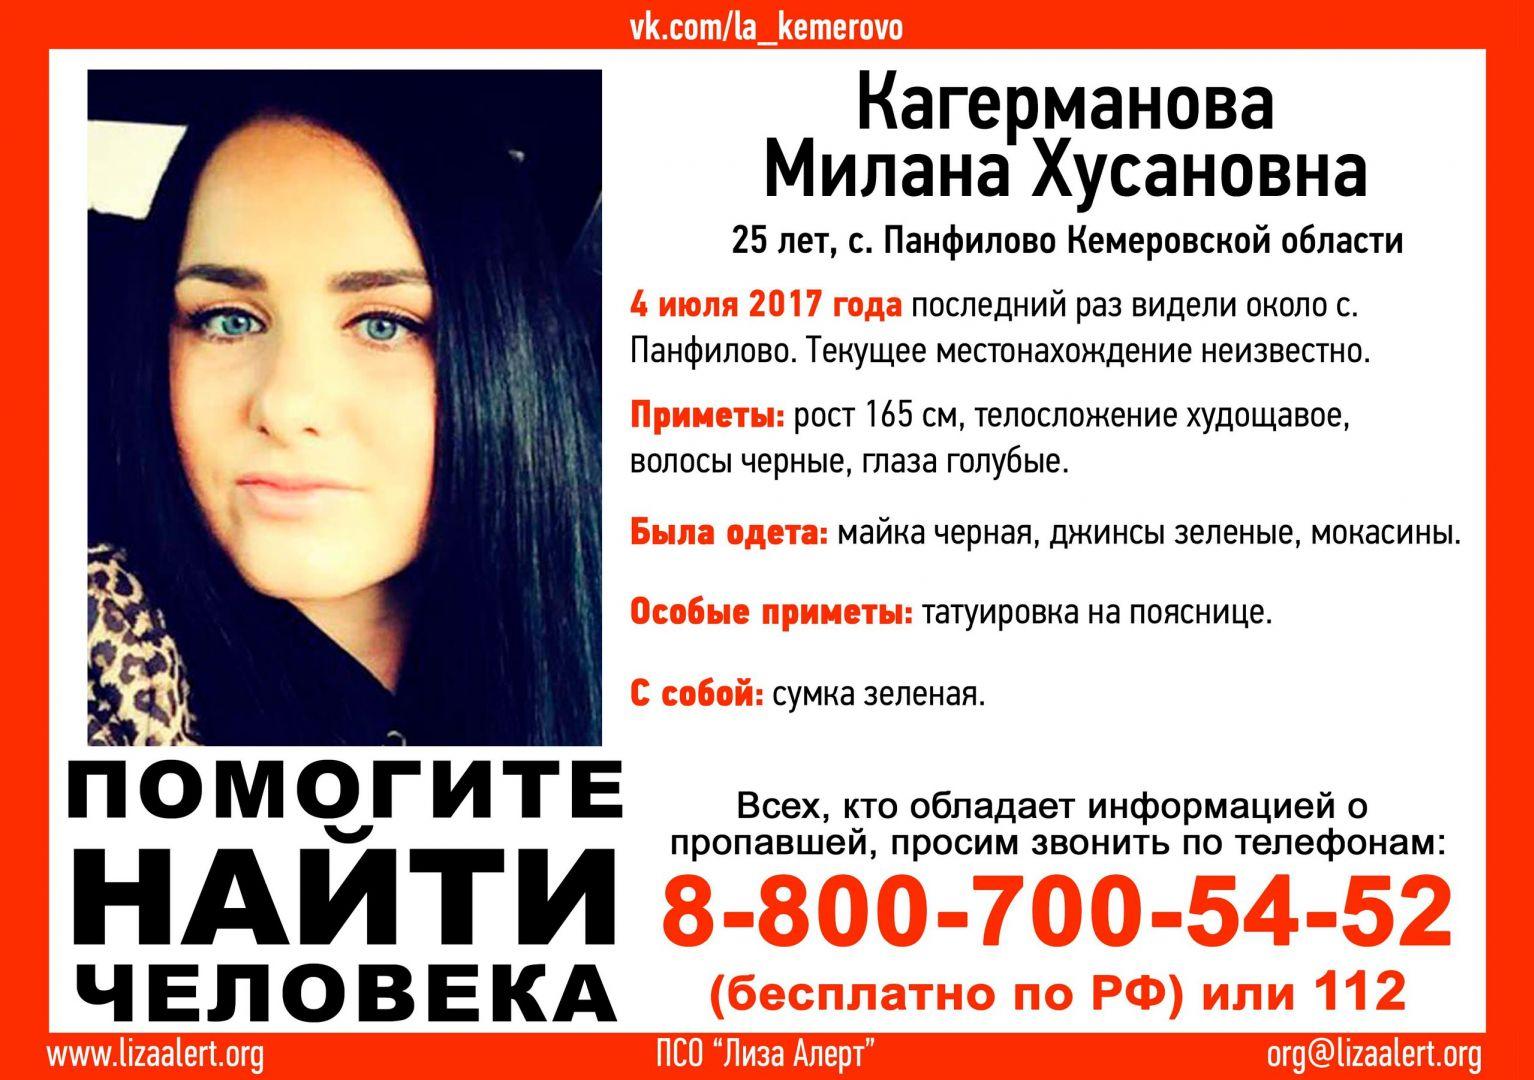 В Кузбассе больше двух недель разыскивают 25-летнюю девушку, пропавшую при загадочных обстоятельствах